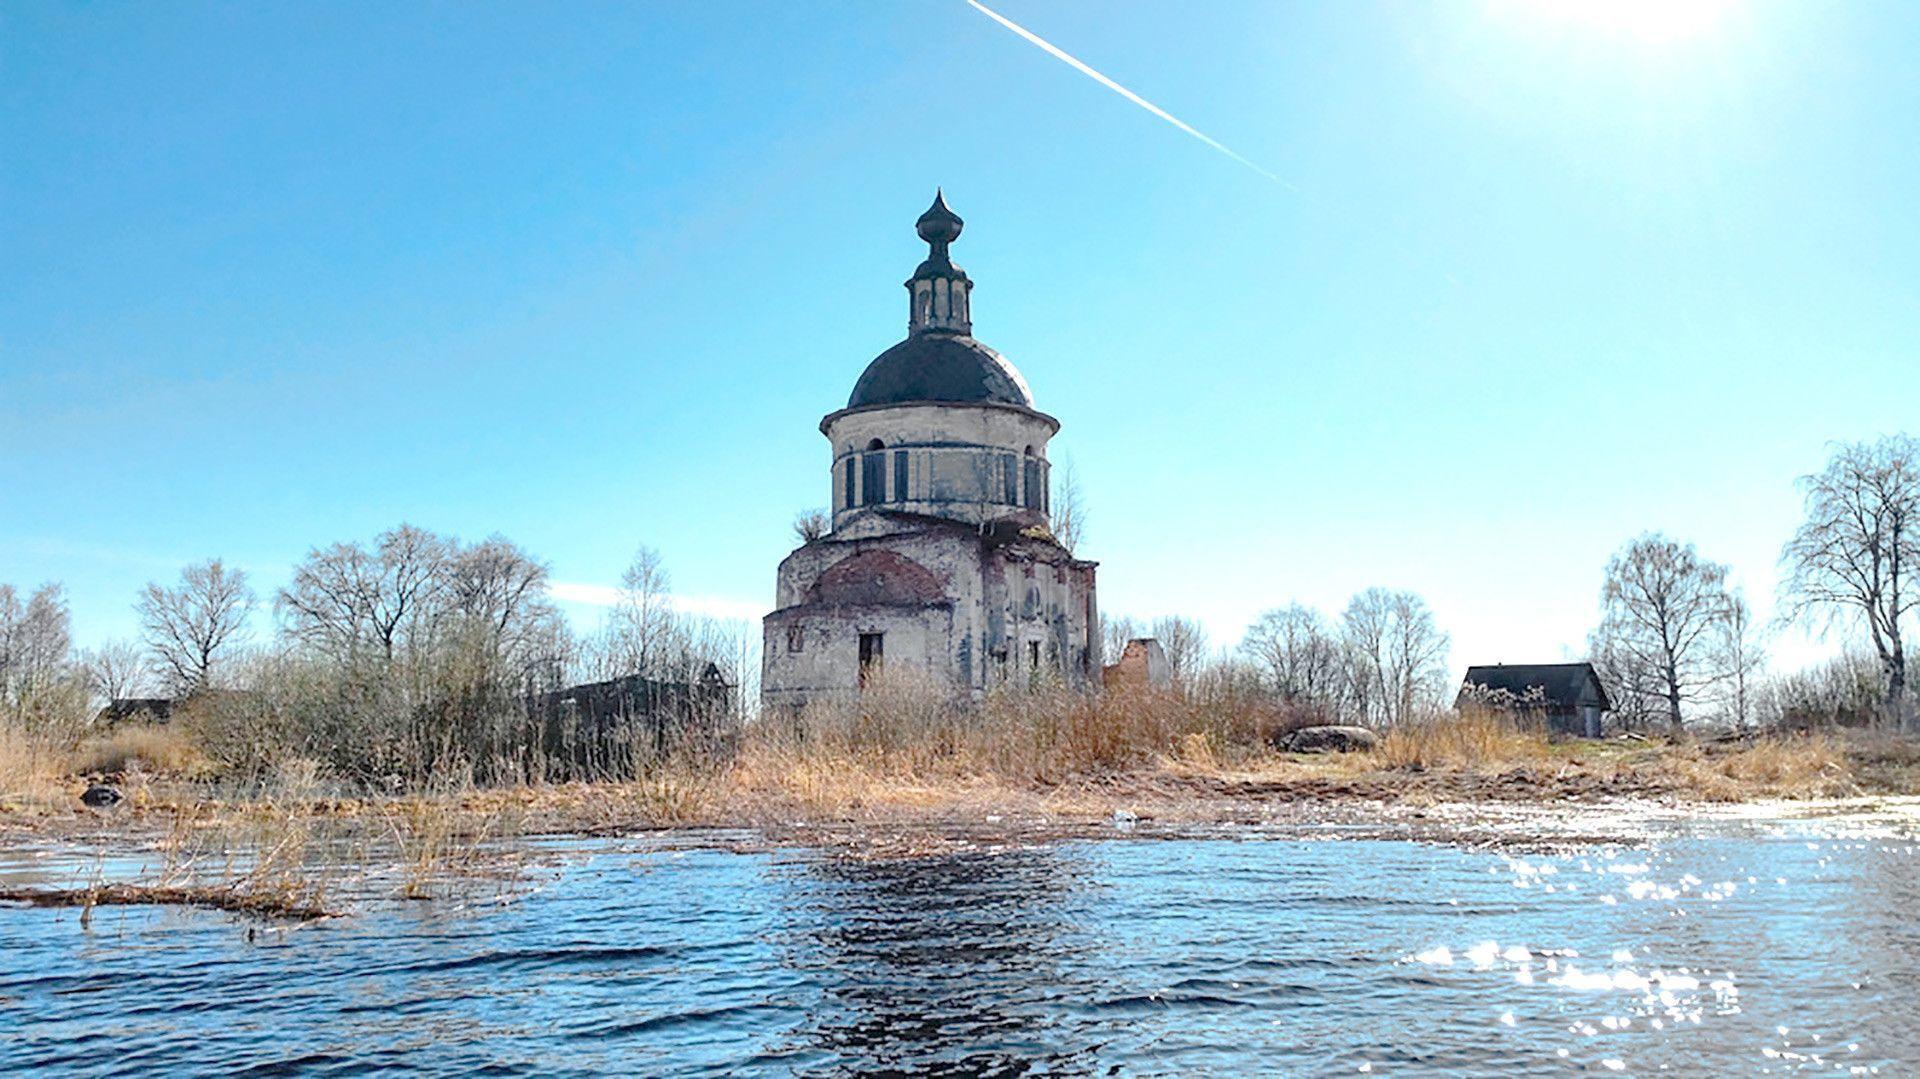 Intip Potret 8 Kota di Rusia yang Ditinggalkan Warganya, Ngeri